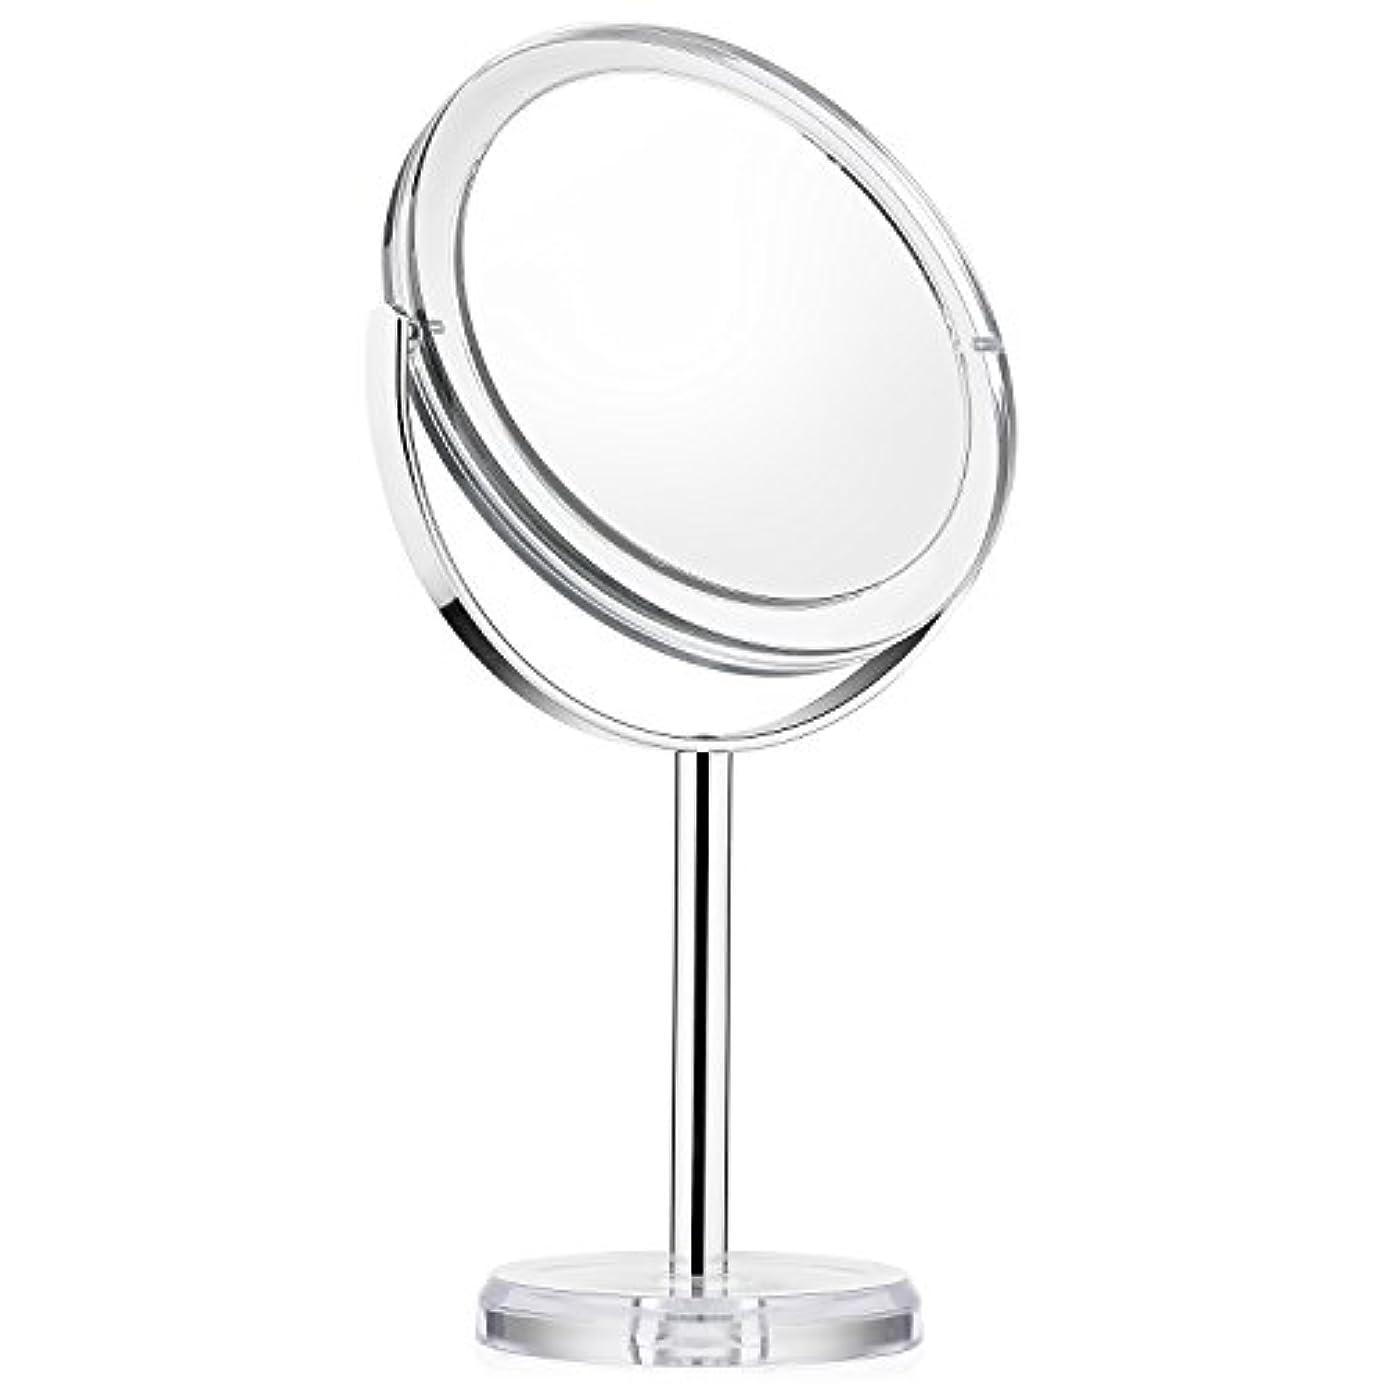 化粧ミラー Beautifive 鏡 卓上 化粧鏡 メイクミラー 卓上ミラー スタンドミラー卓上 等倍卓上両面鏡 卓上鏡 7倍拡大スタンドミラー 360°回転可 光学レズン高解像度